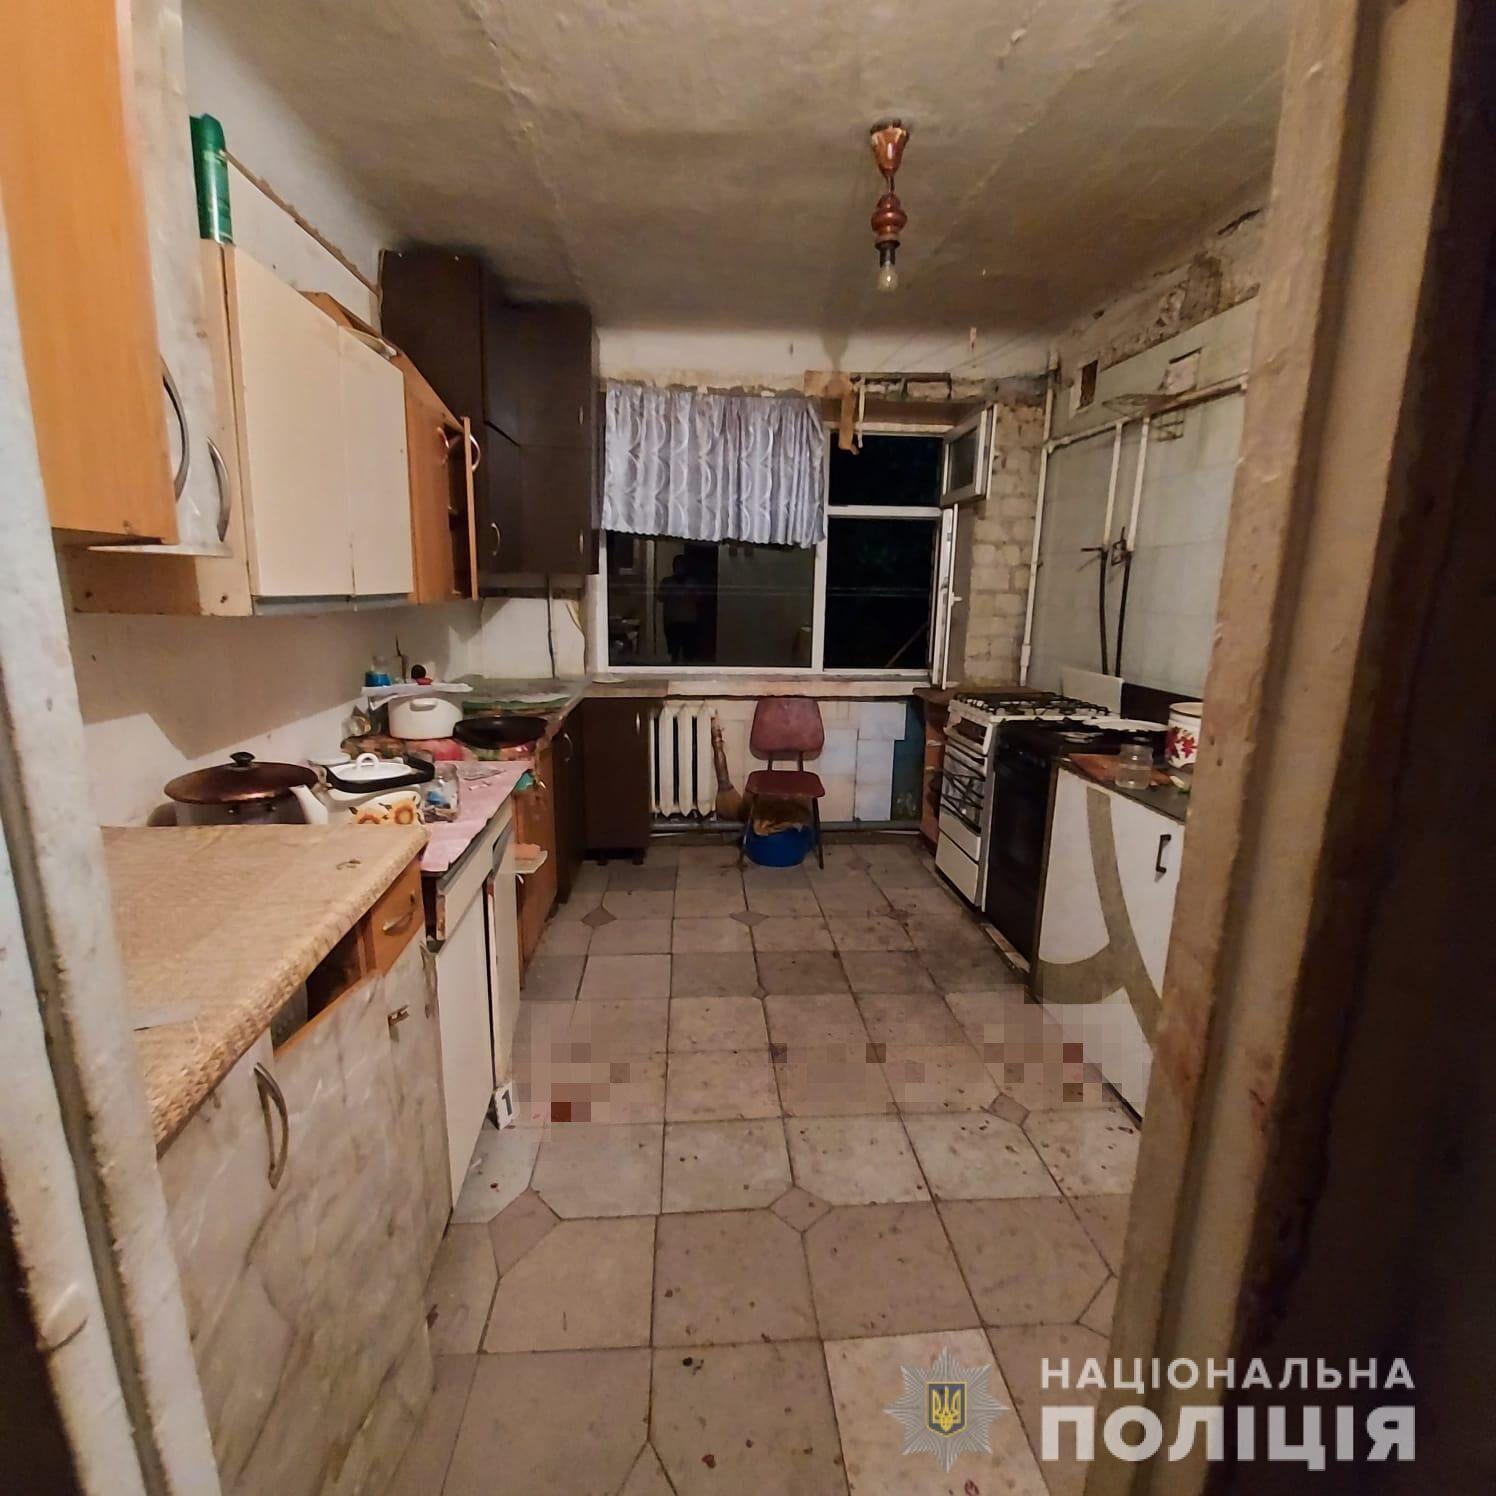 Убийство произошло в общежитии.